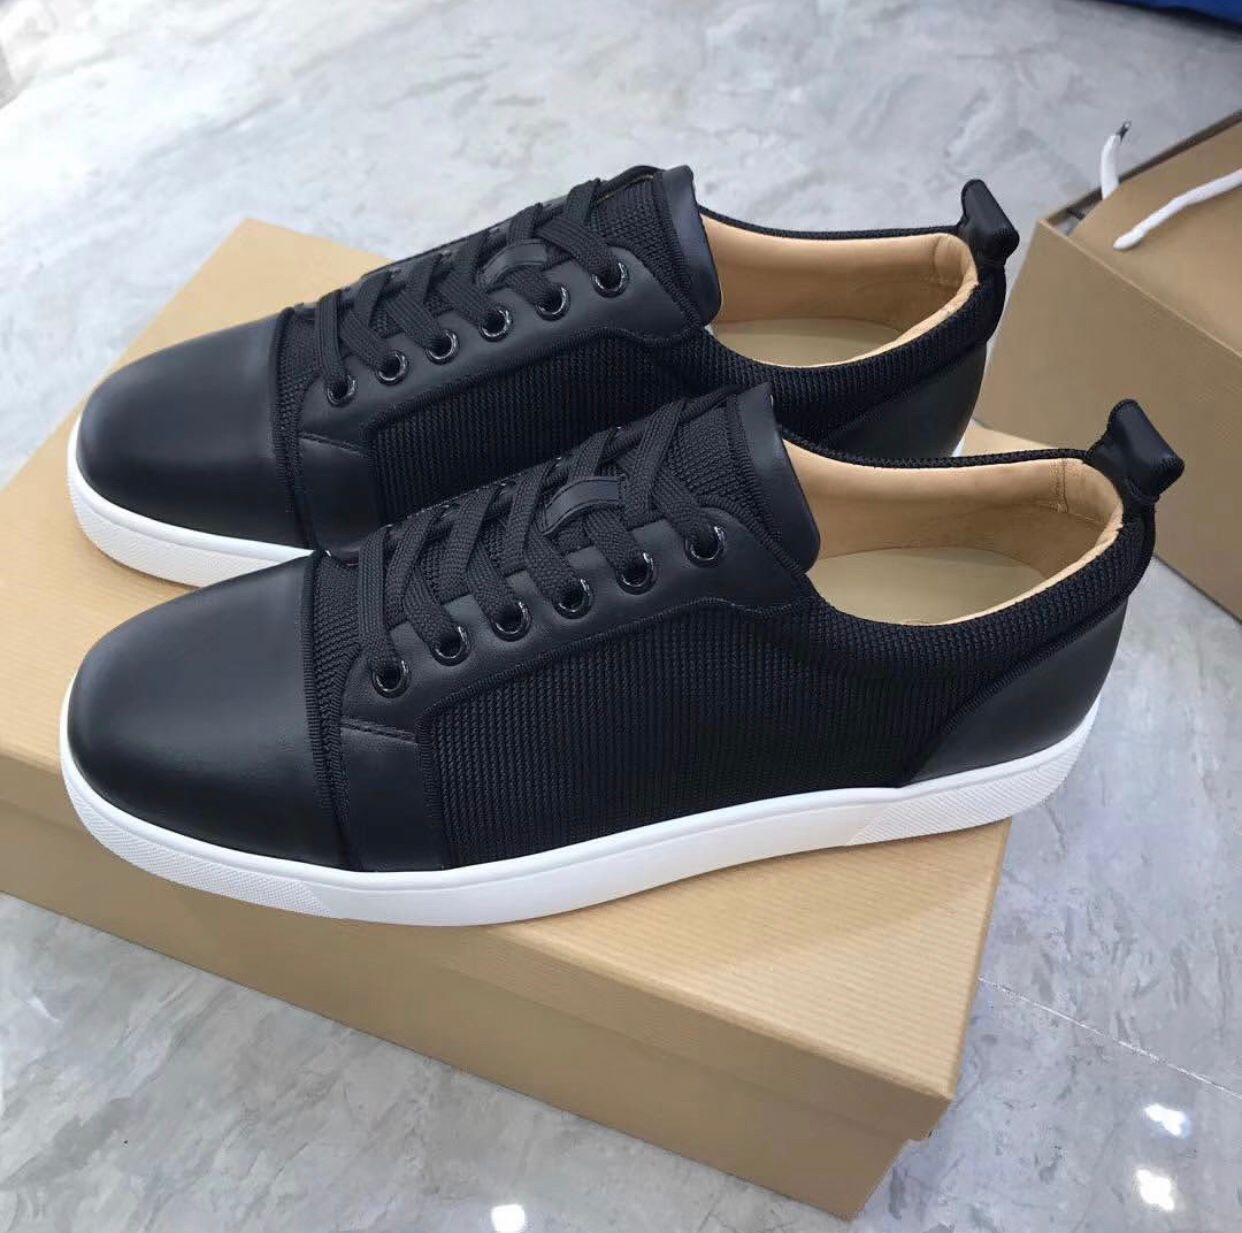 Ucuz Lüks Siyah Naylon Deri konumundadır Orlato Sneakers Ayakkabı, Şık Kırmızı Alt Erkekler Tasarımcı Konfor Günlük Ayakkabılar Chaussures Homme